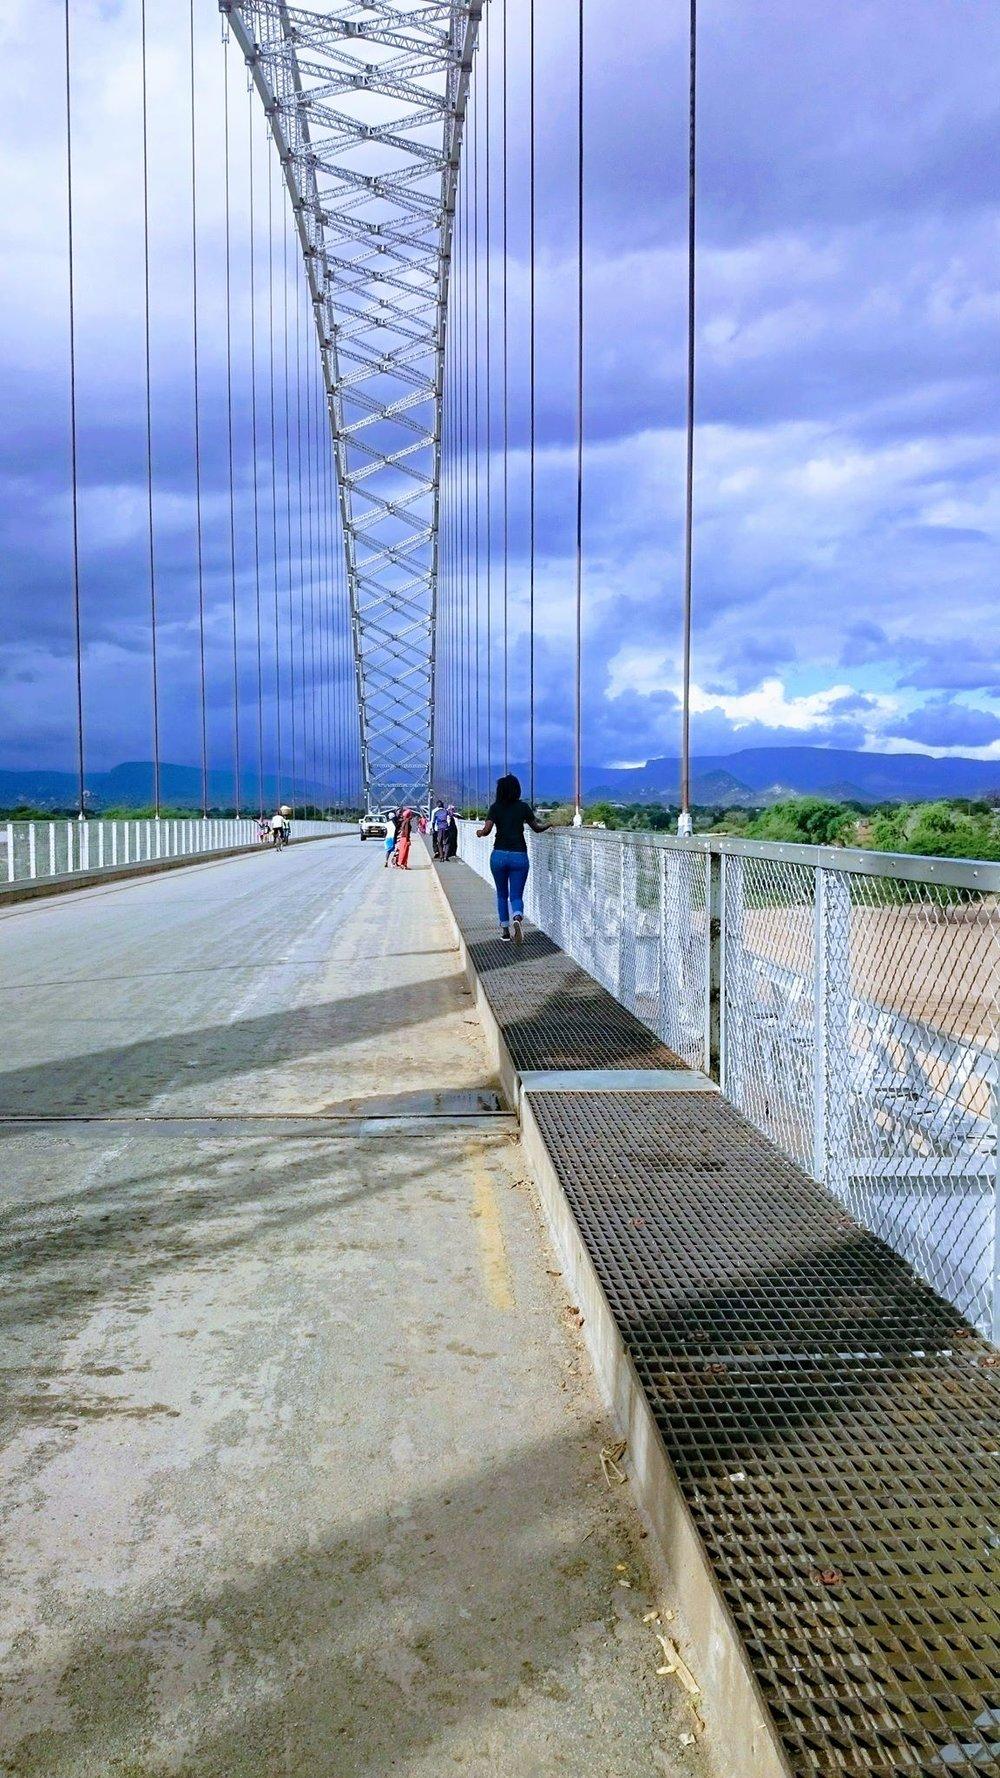 Birchenough Bridge, Zimbabwe. Photo credit: Margret Zinhumwe